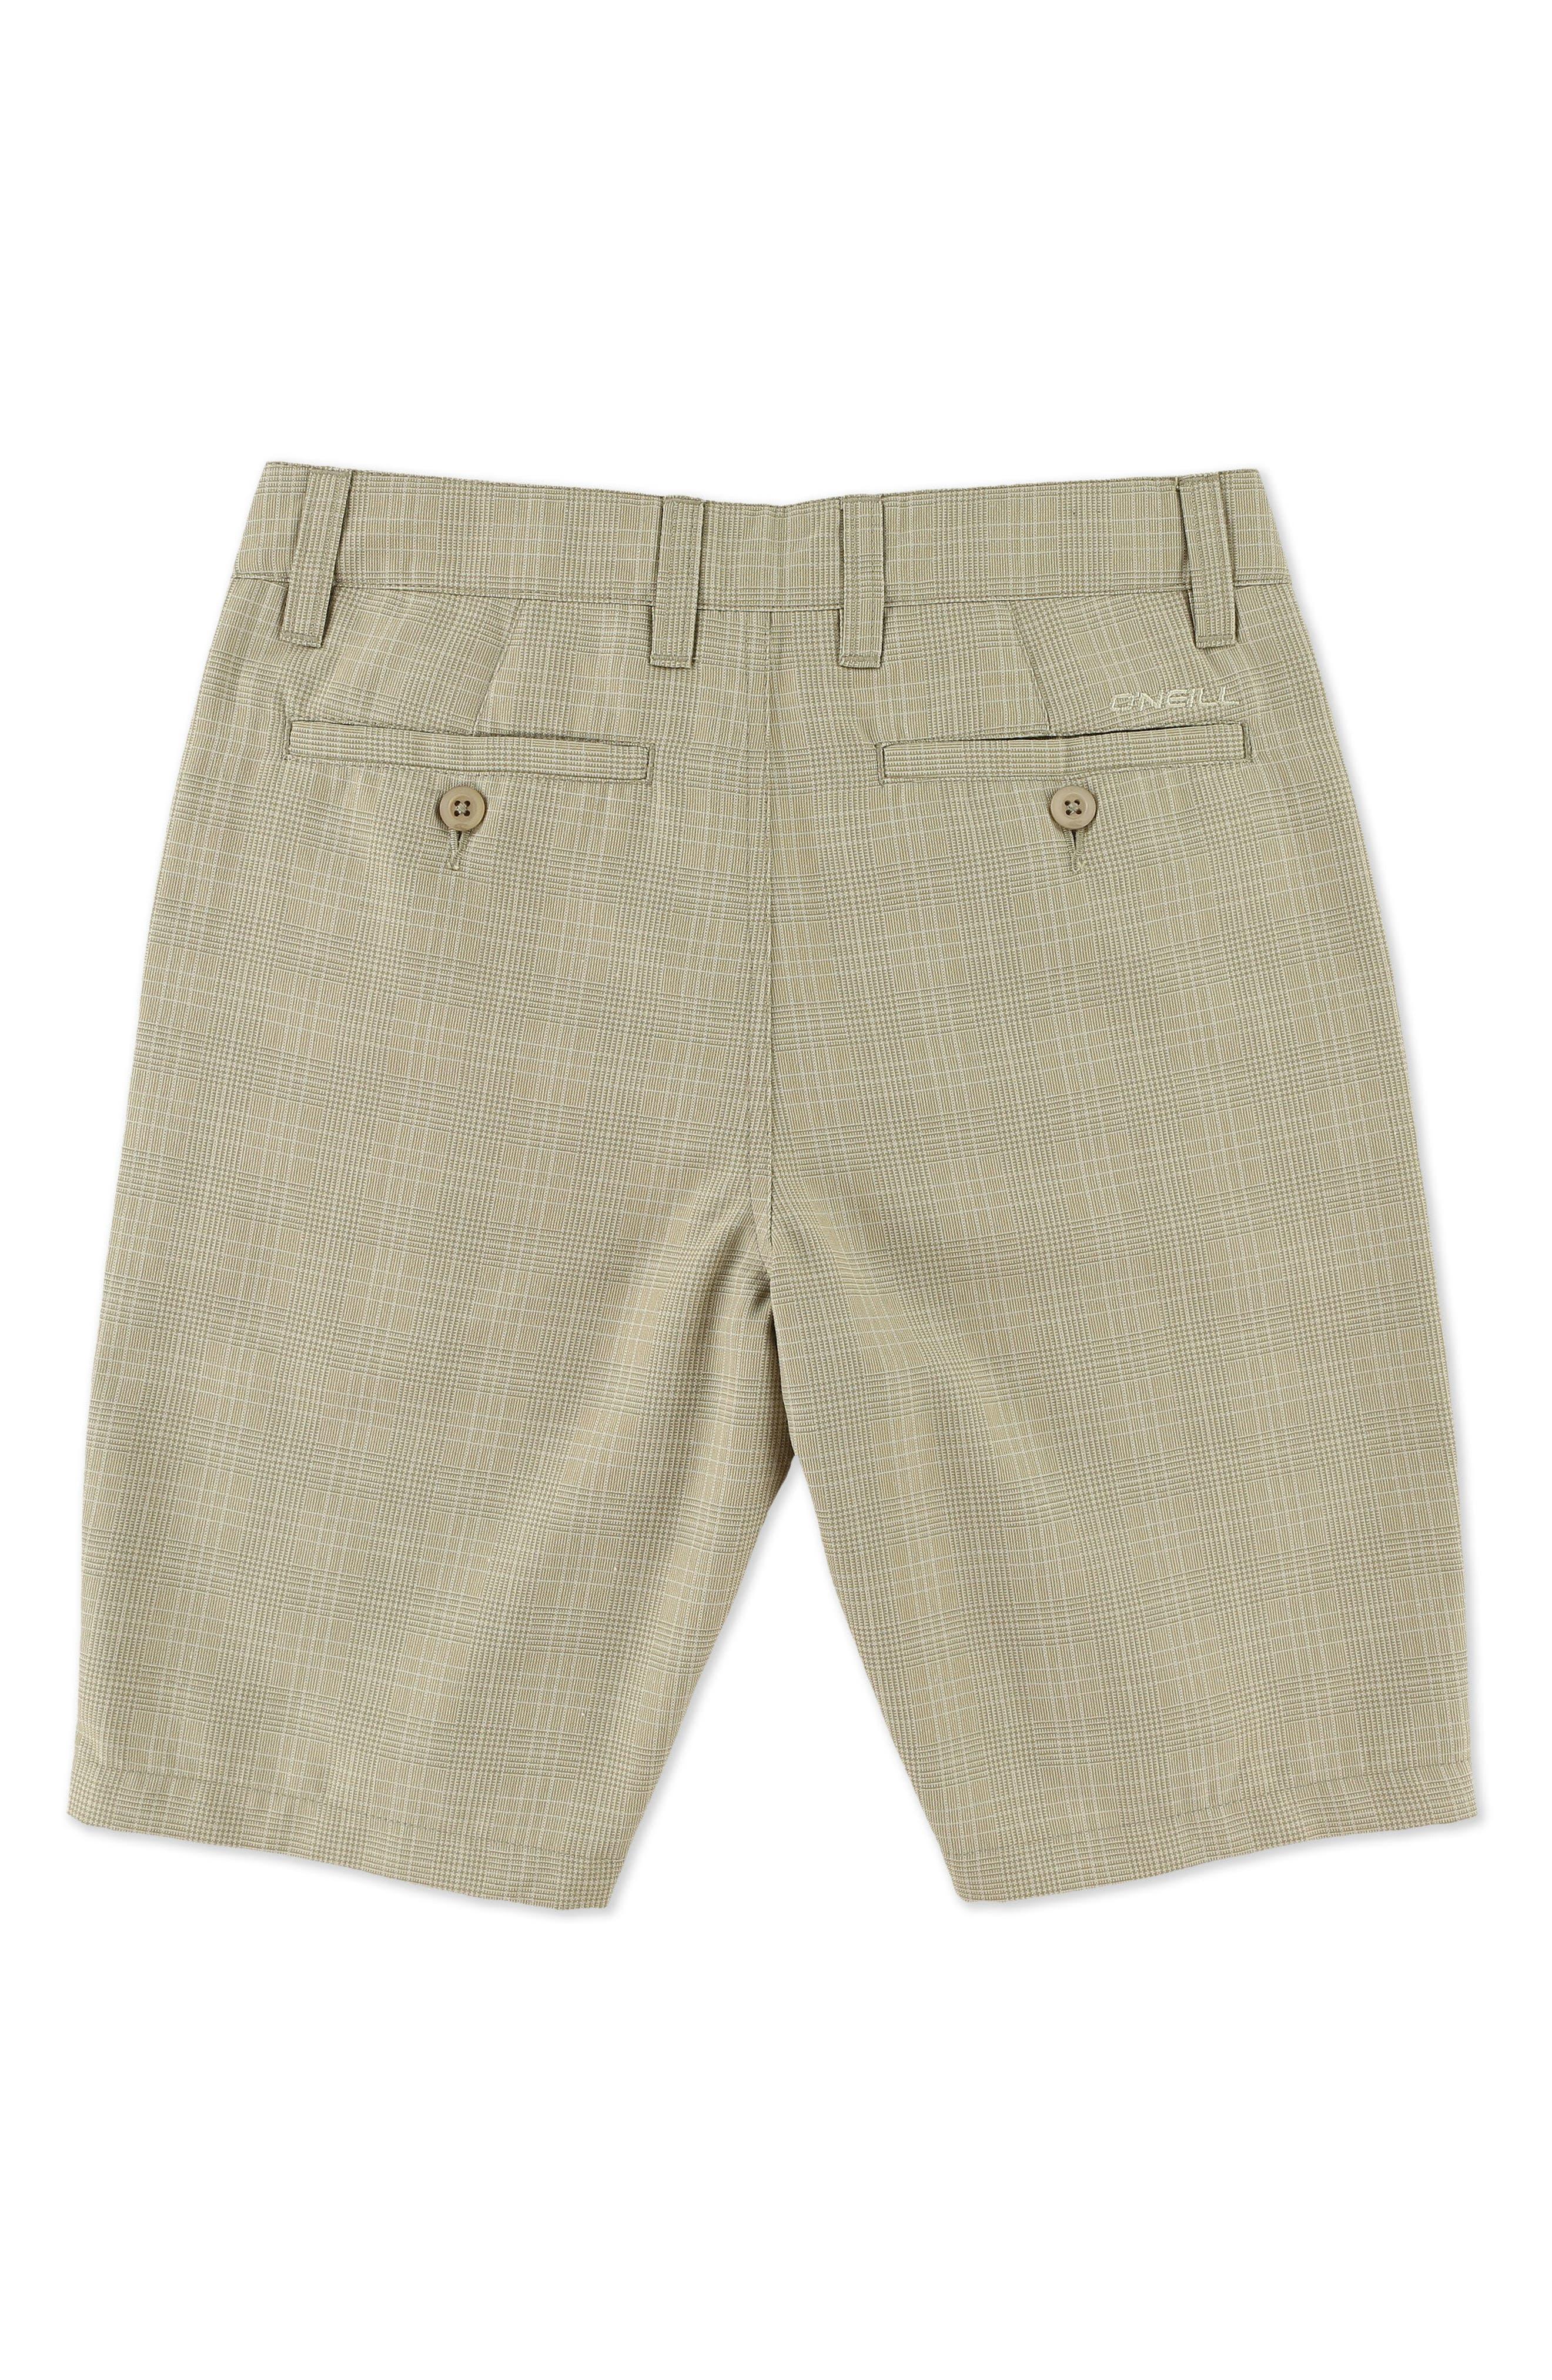 Delta Plaid Chino Shorts,                         Main,                         color, 020